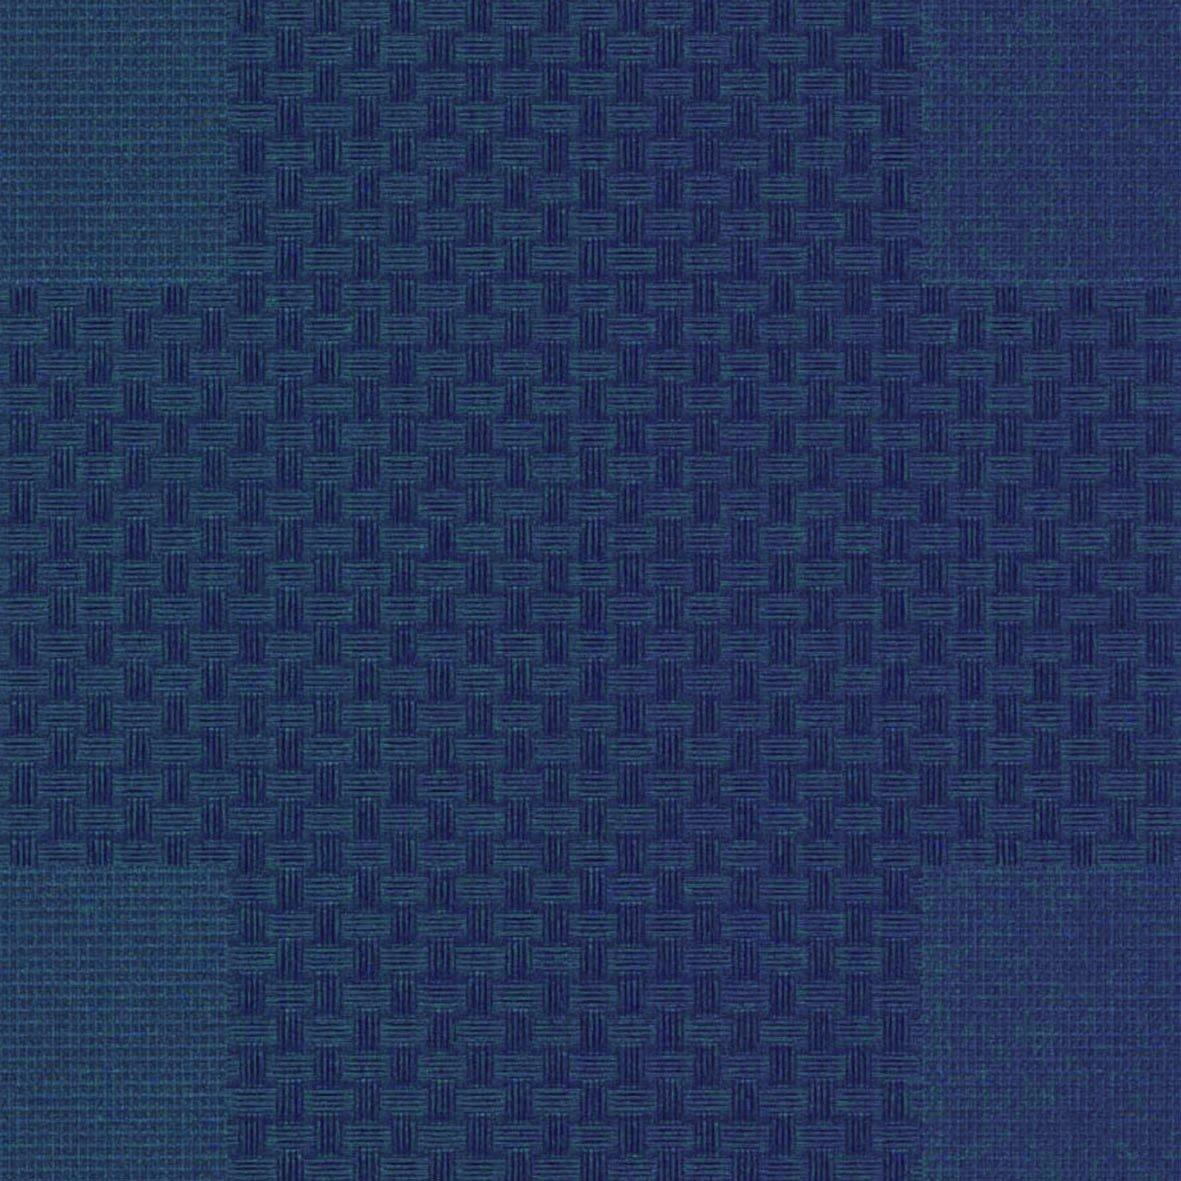 リリカラ 壁紙41m モダン 幾何学 ブラック LL-8016 B01MRH0ETI 41m|ブラック